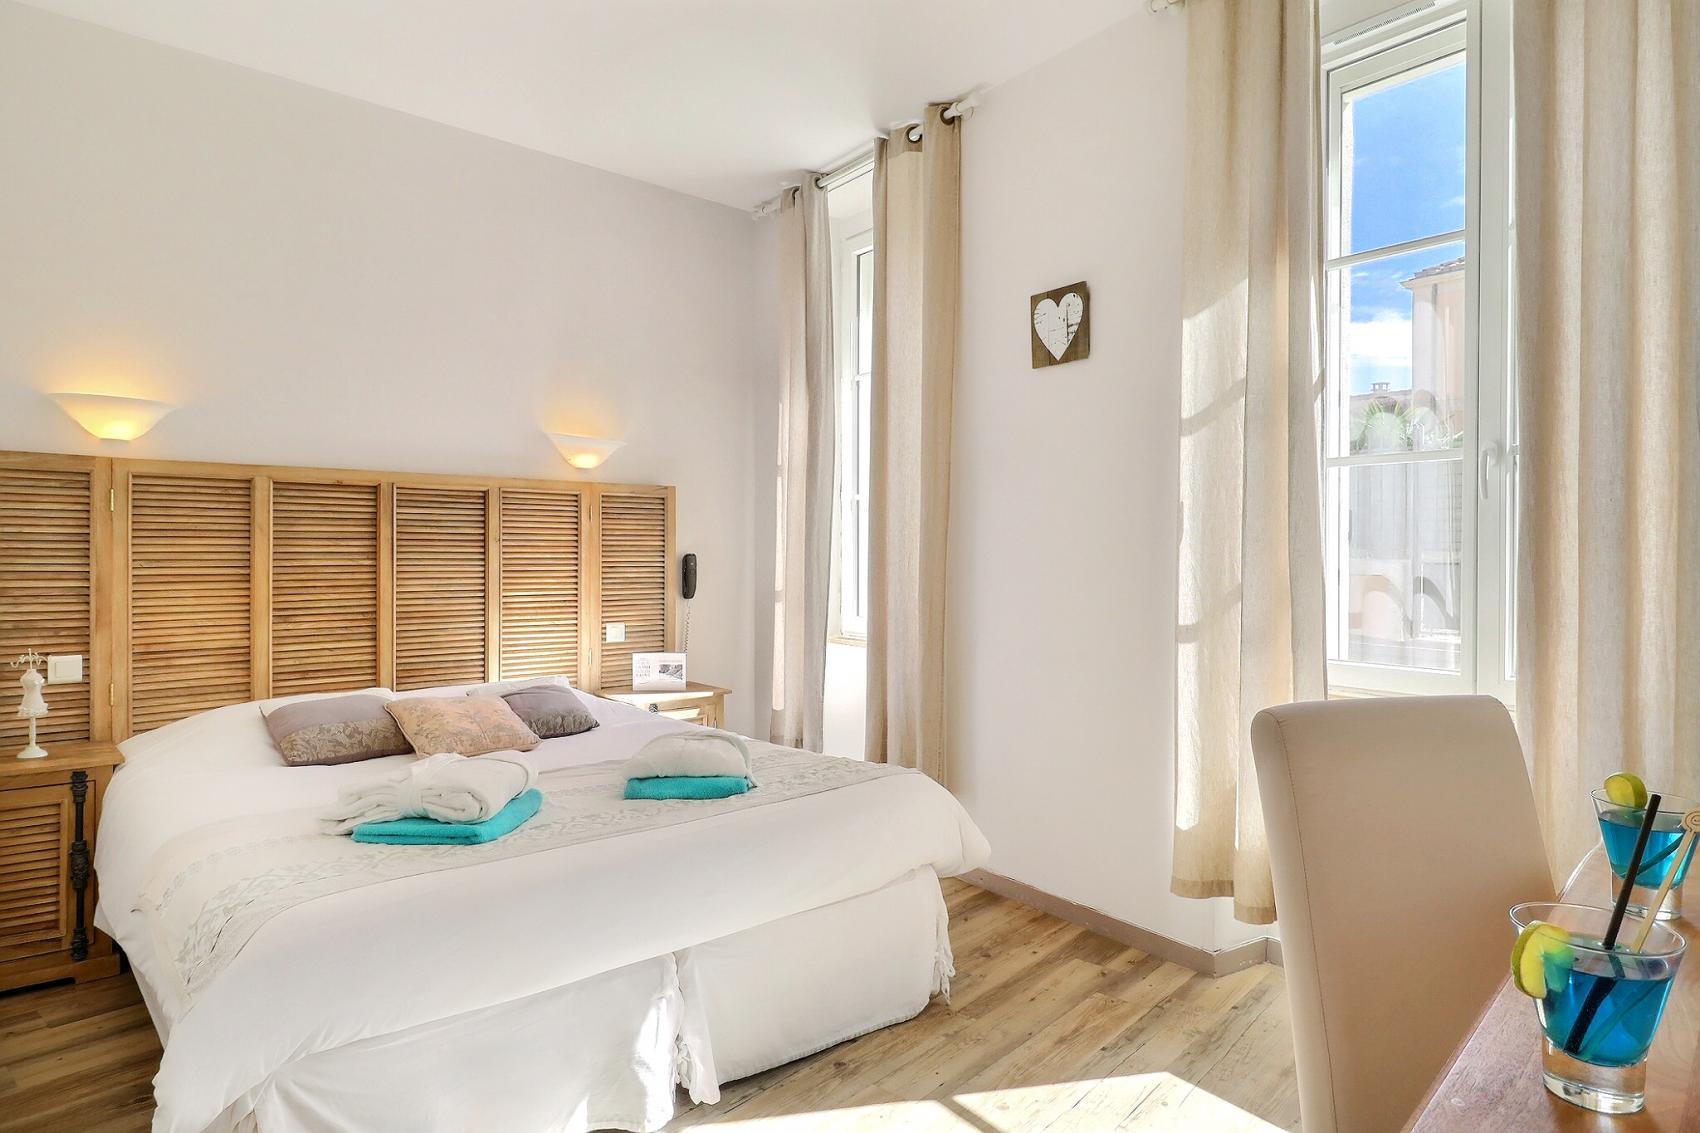 Chambres d 39 h tel confort fouras charente maritime grand h tel des bains et spa - Chambre des metiers charente maritime ...